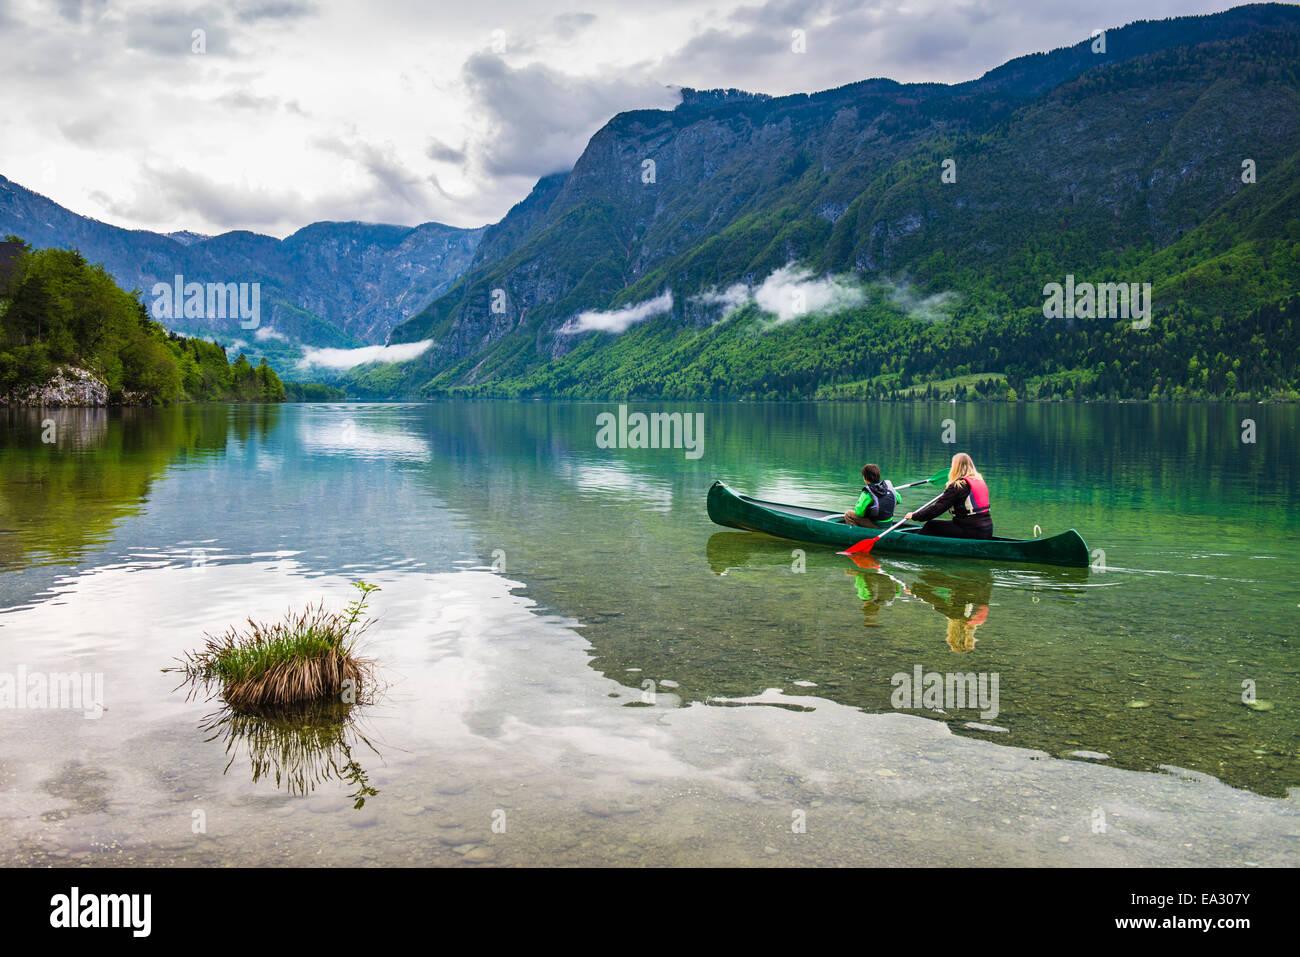 Madre e hijo canotaje en el lago de Bohinj, el Parque Nacional de Triglav, Alpes Julianos, Eslovenia, Europa Imagen De Stock